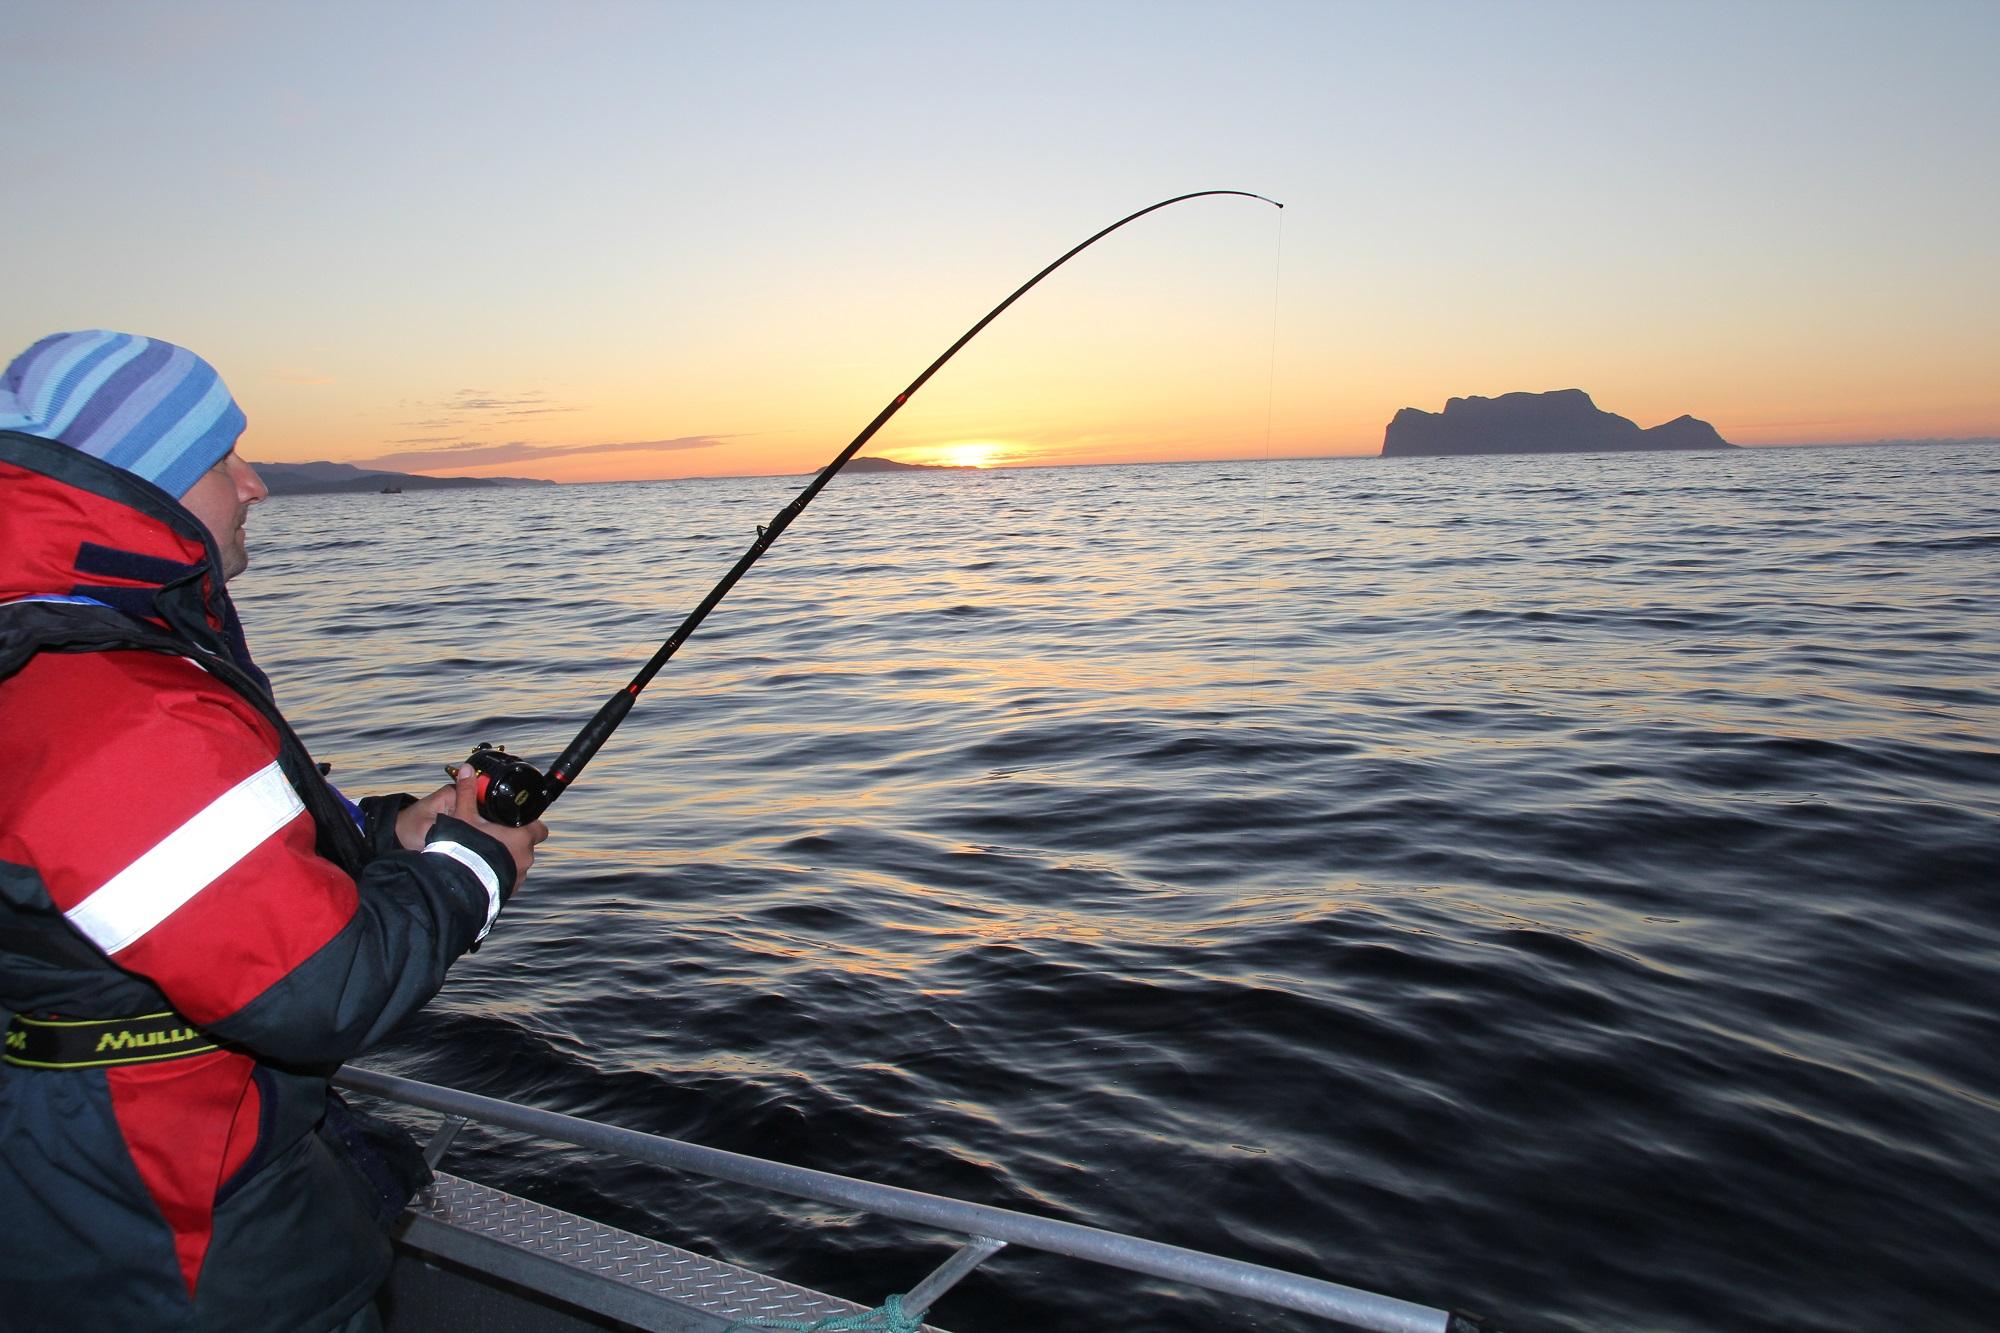 Im Sommer wird es nie richtig dunkel in Nordnorwegen. Die Sonne verschwindet nur kurz hinterm Horizont